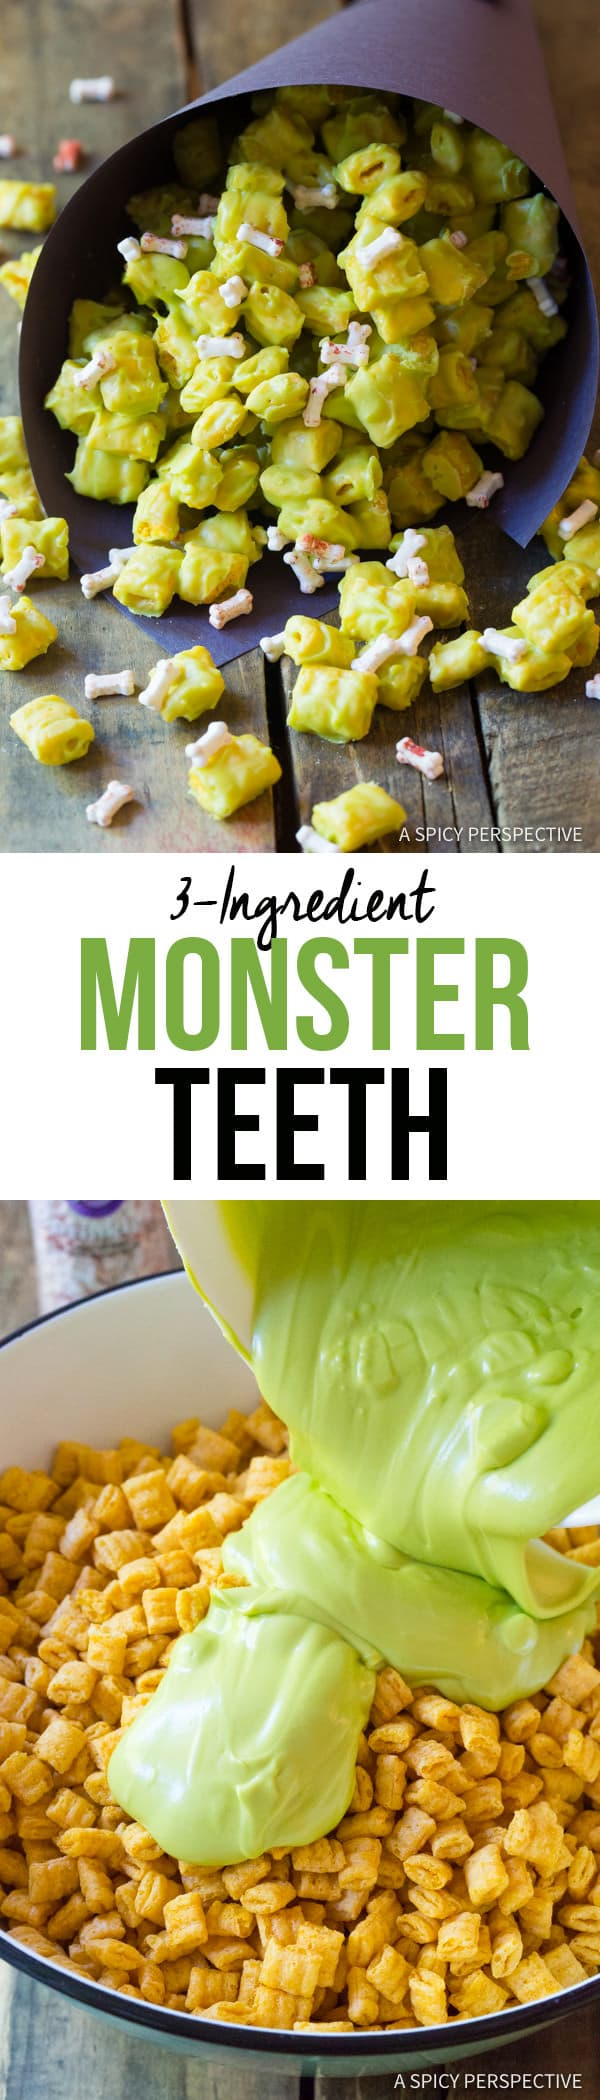 Spooky 3-Ingredient Monster Teeth Recipe for Halloween!   ASpicyPerspective.com